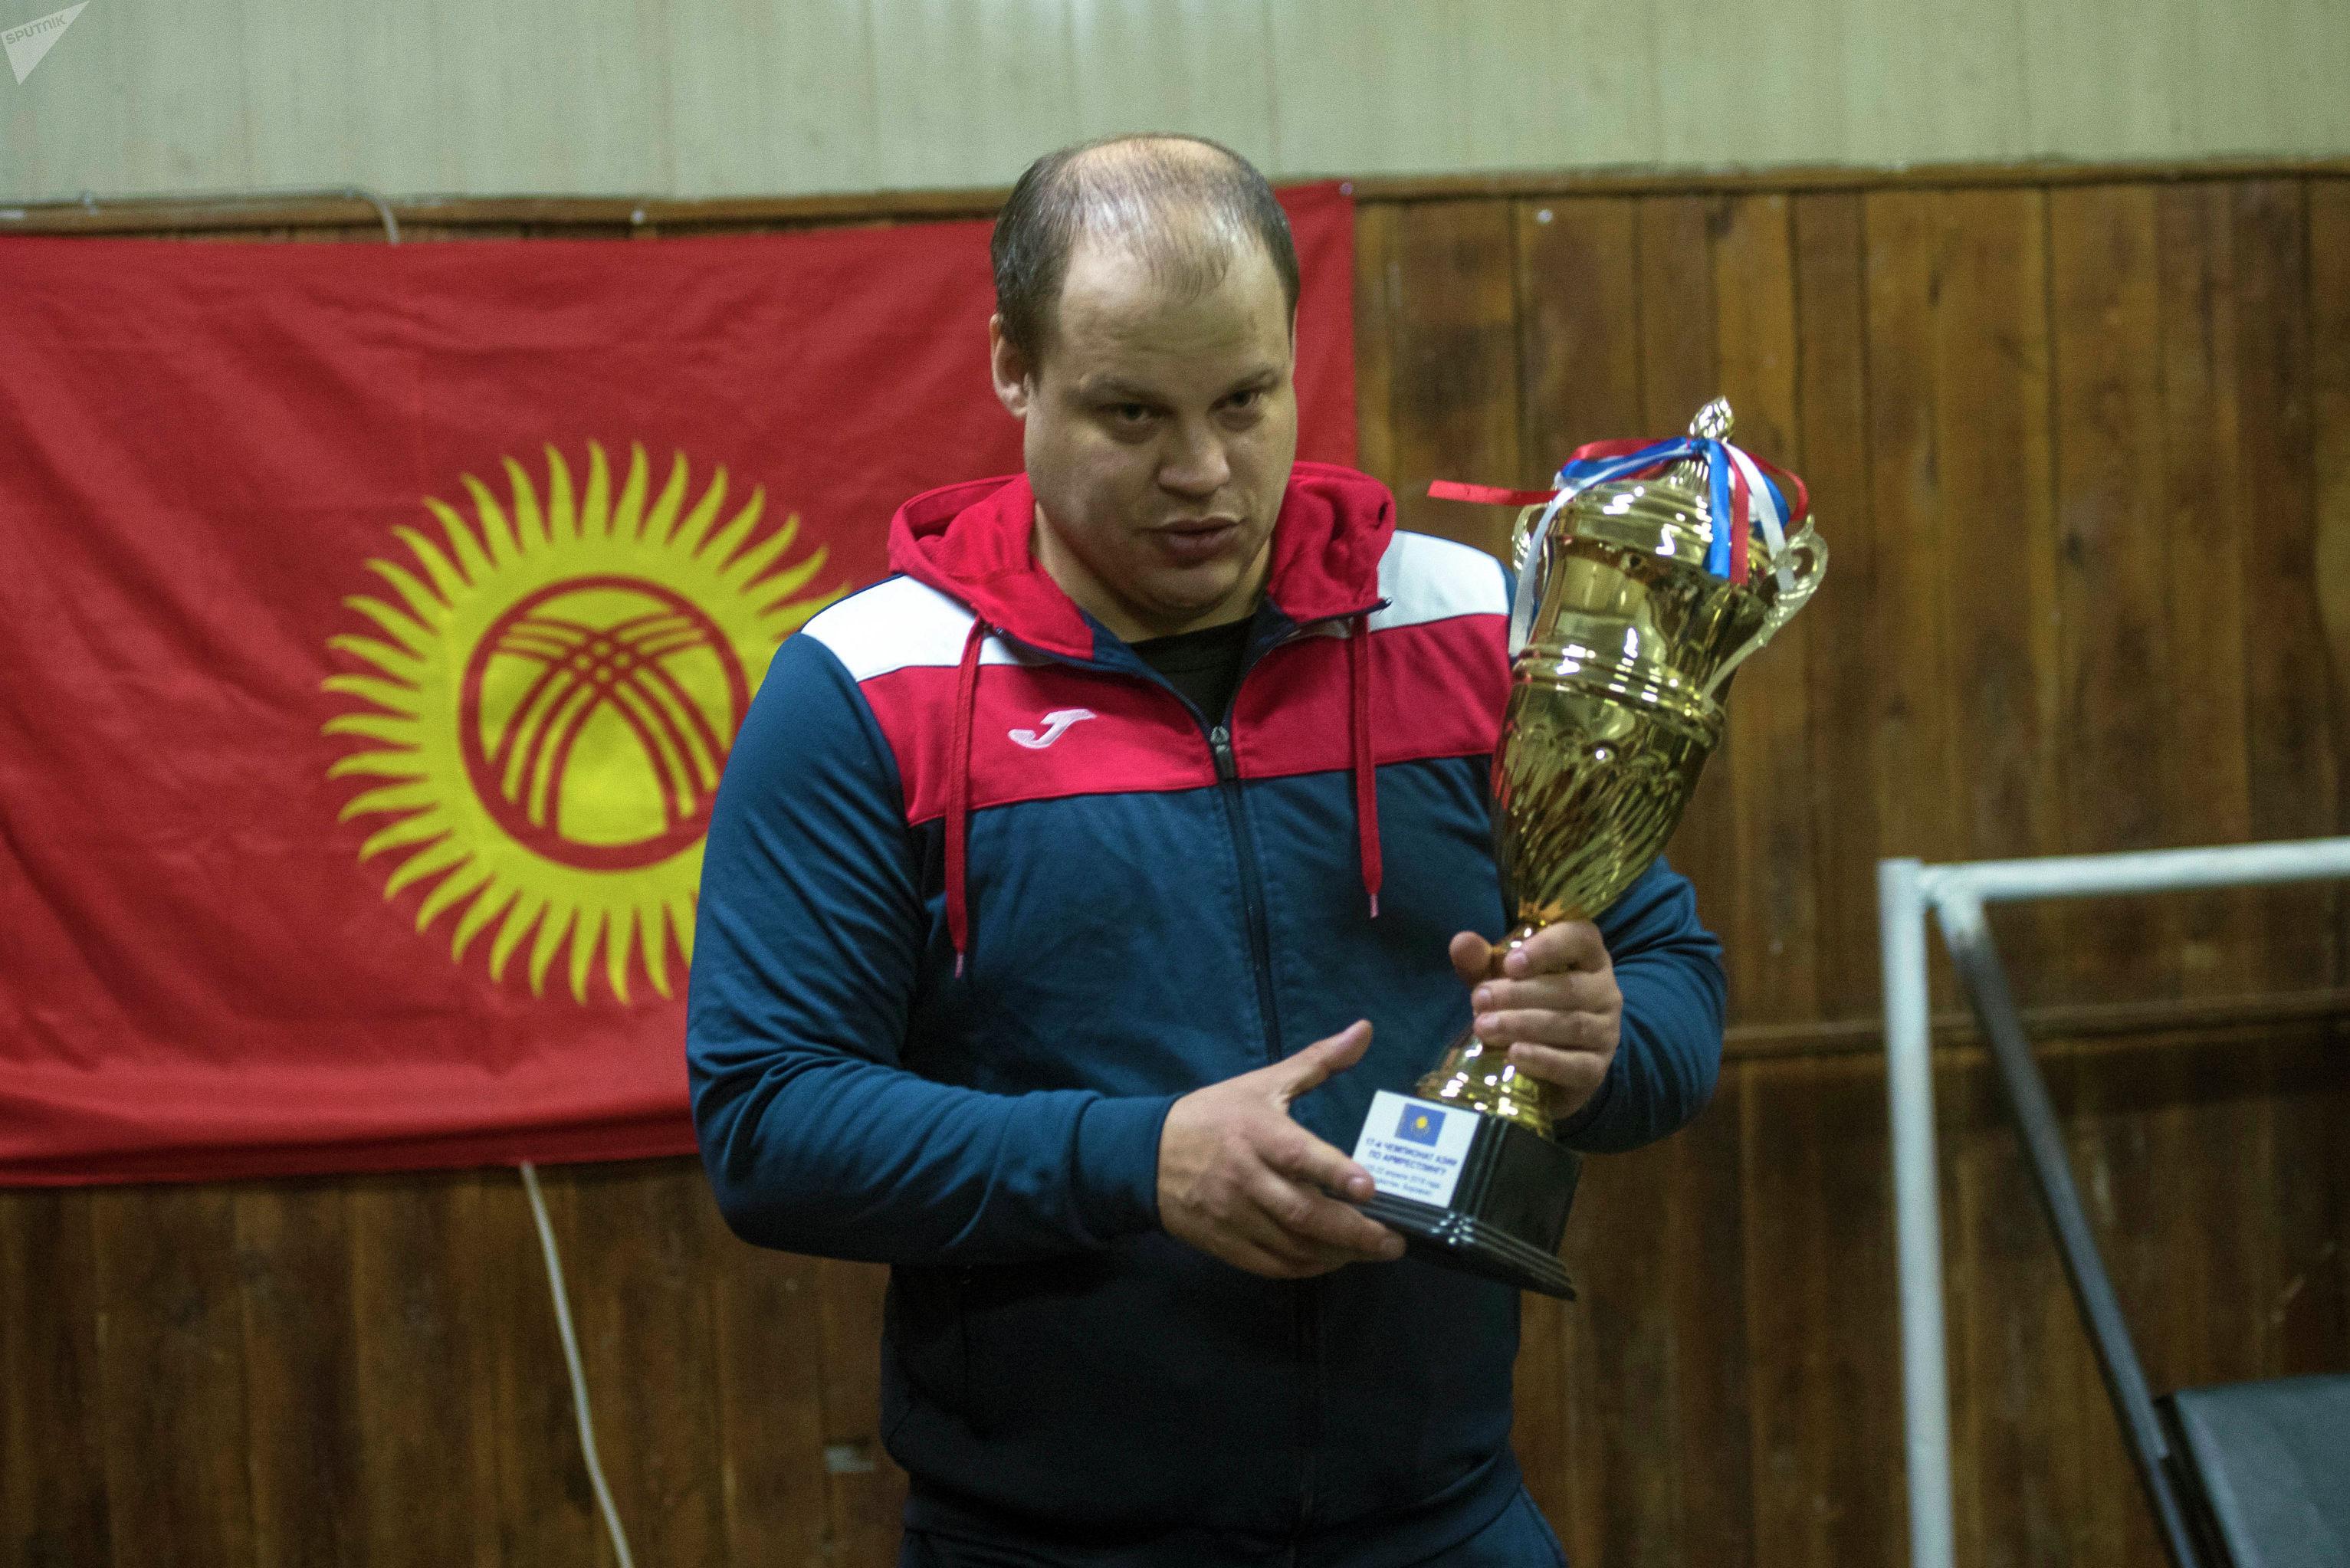 Старший тренер Детско-юношеской спортивной школы по теннису, паралимпийским и силовым видам спорта Олег Алчинов